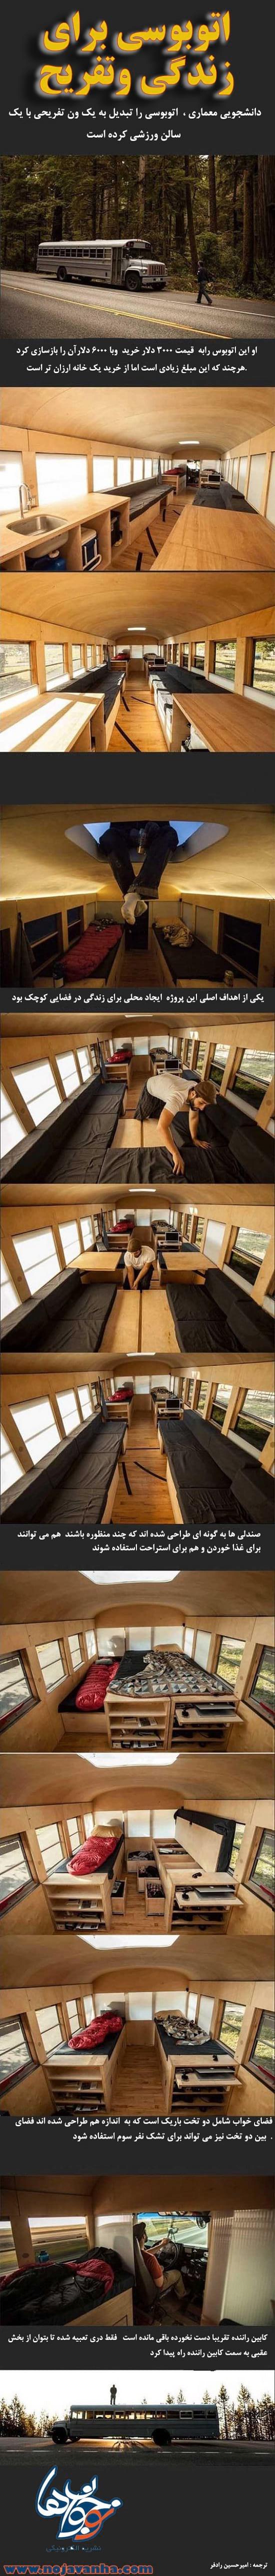 اتوبوسی برای زندگی و تفریح!